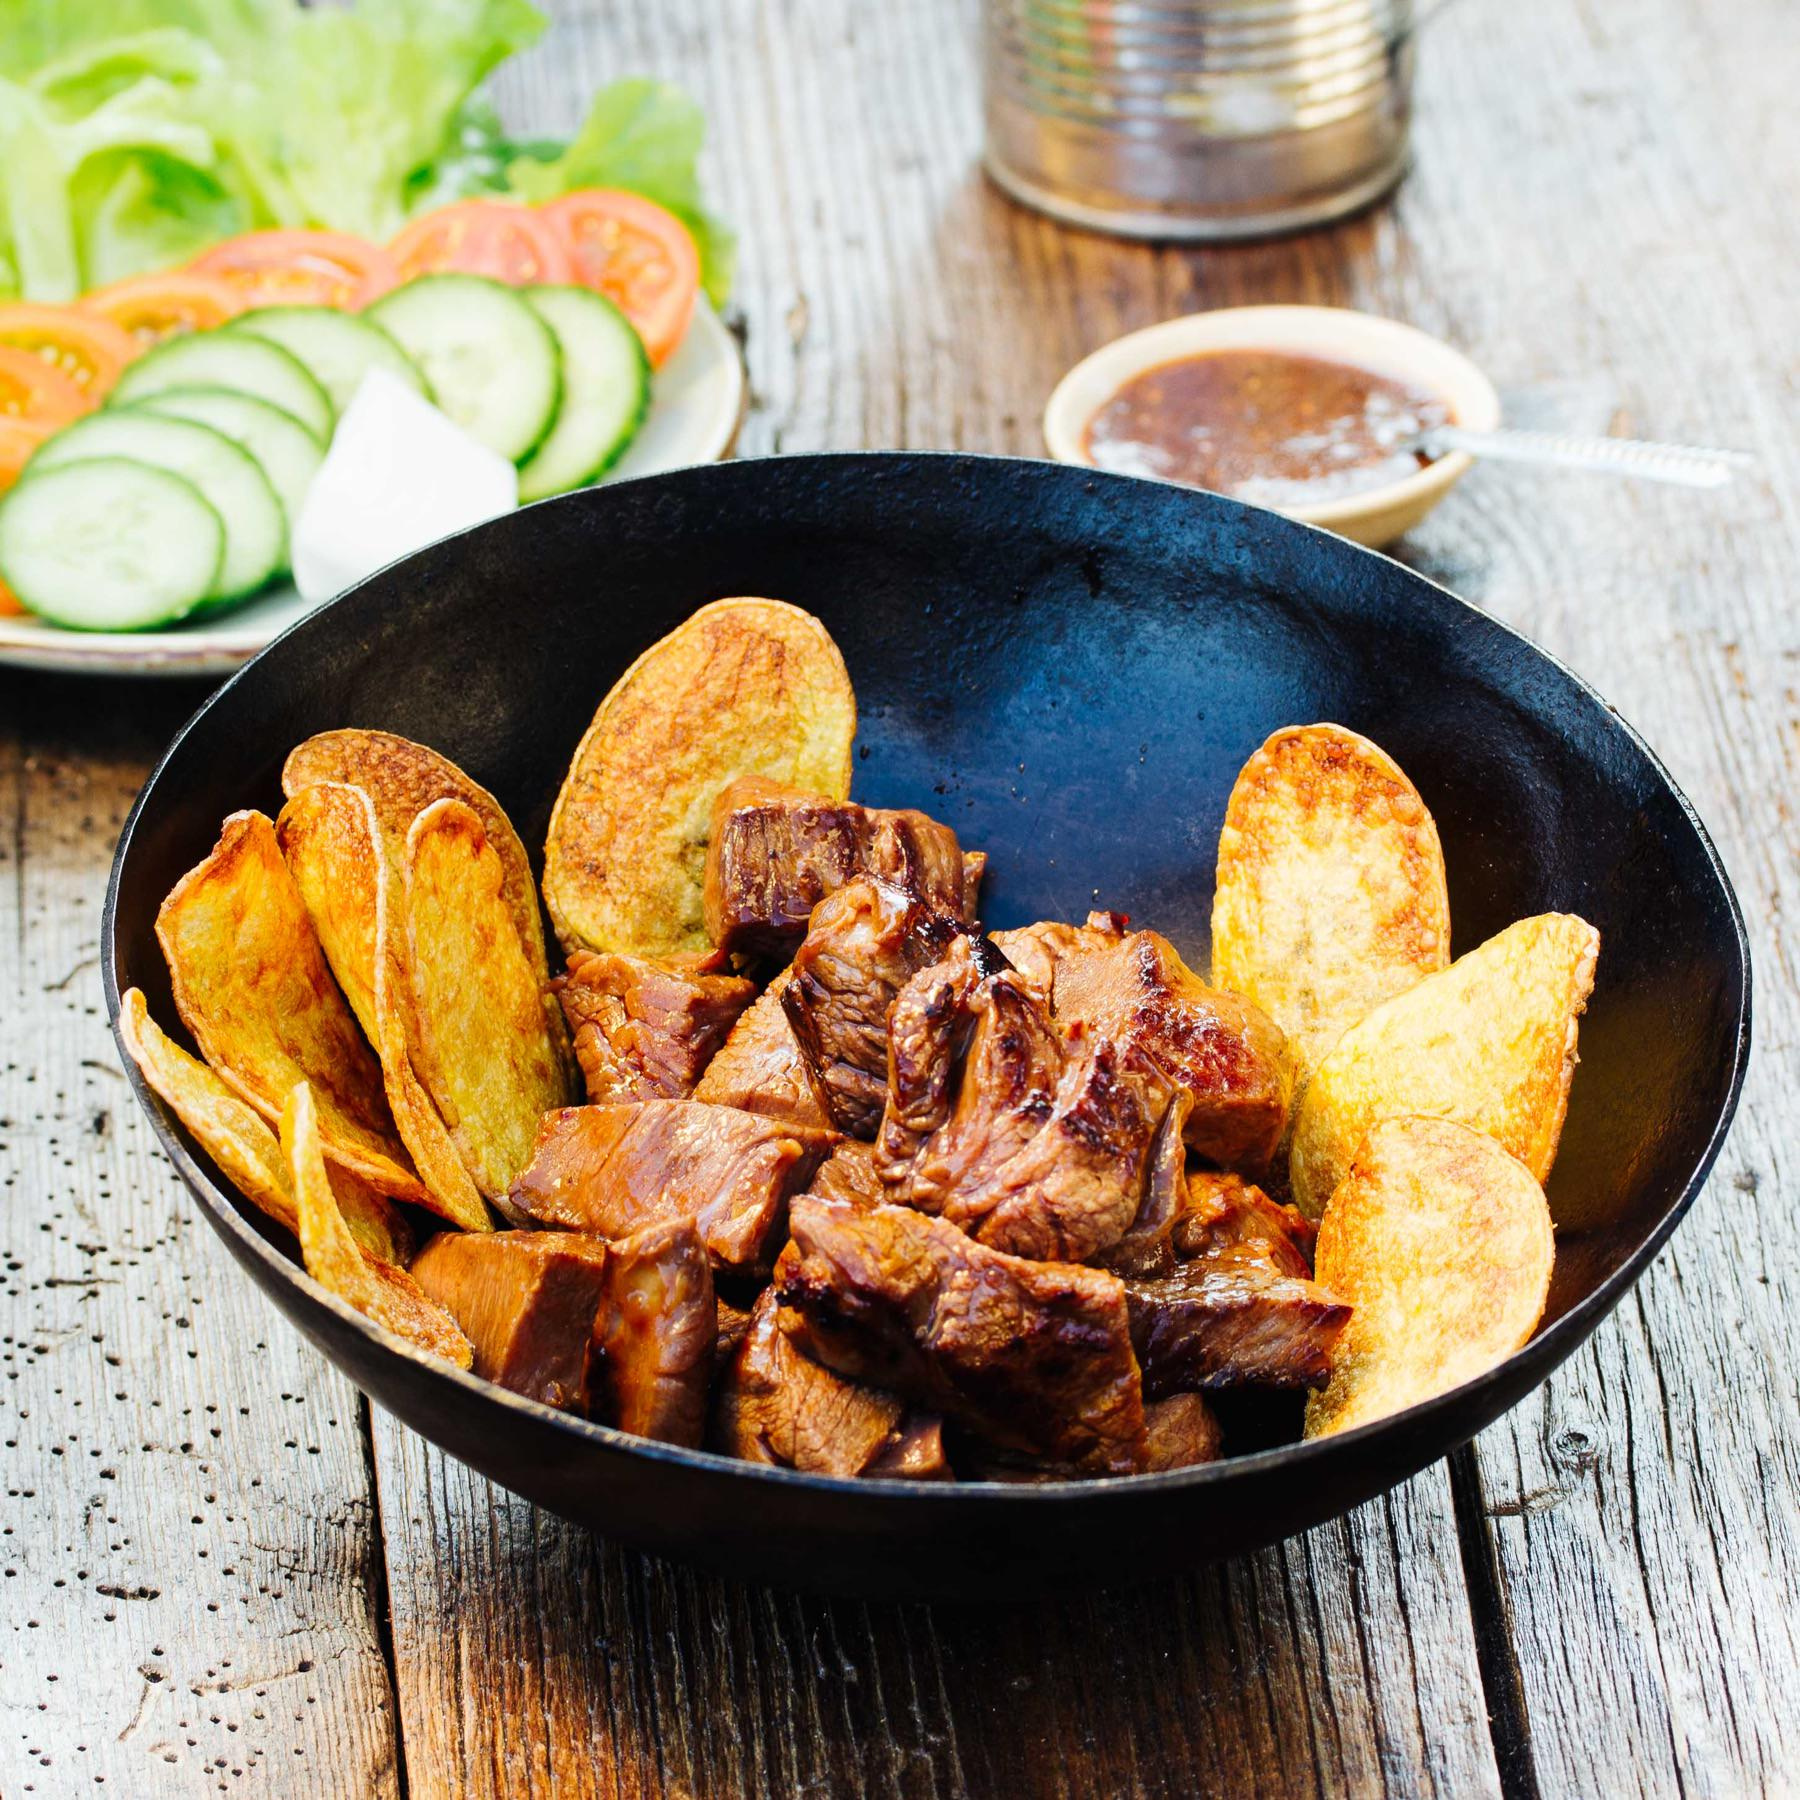 Beef Lok Lak - Rindfleisch aus dem Wok mit Pfeffersauce